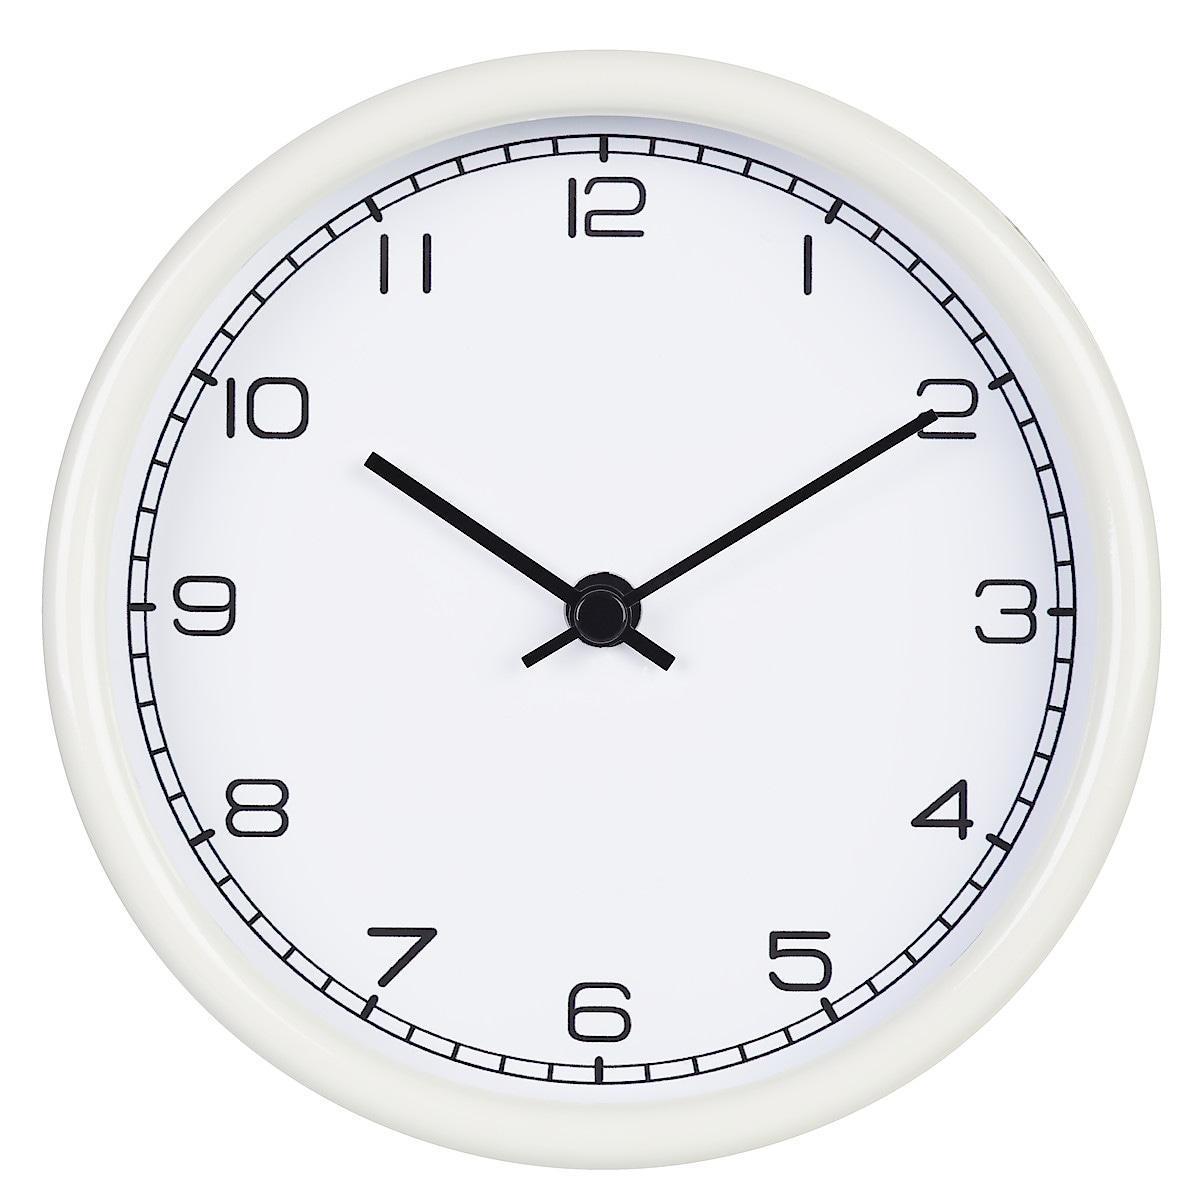 Vägg-/bordsklocka Ø 15 cm